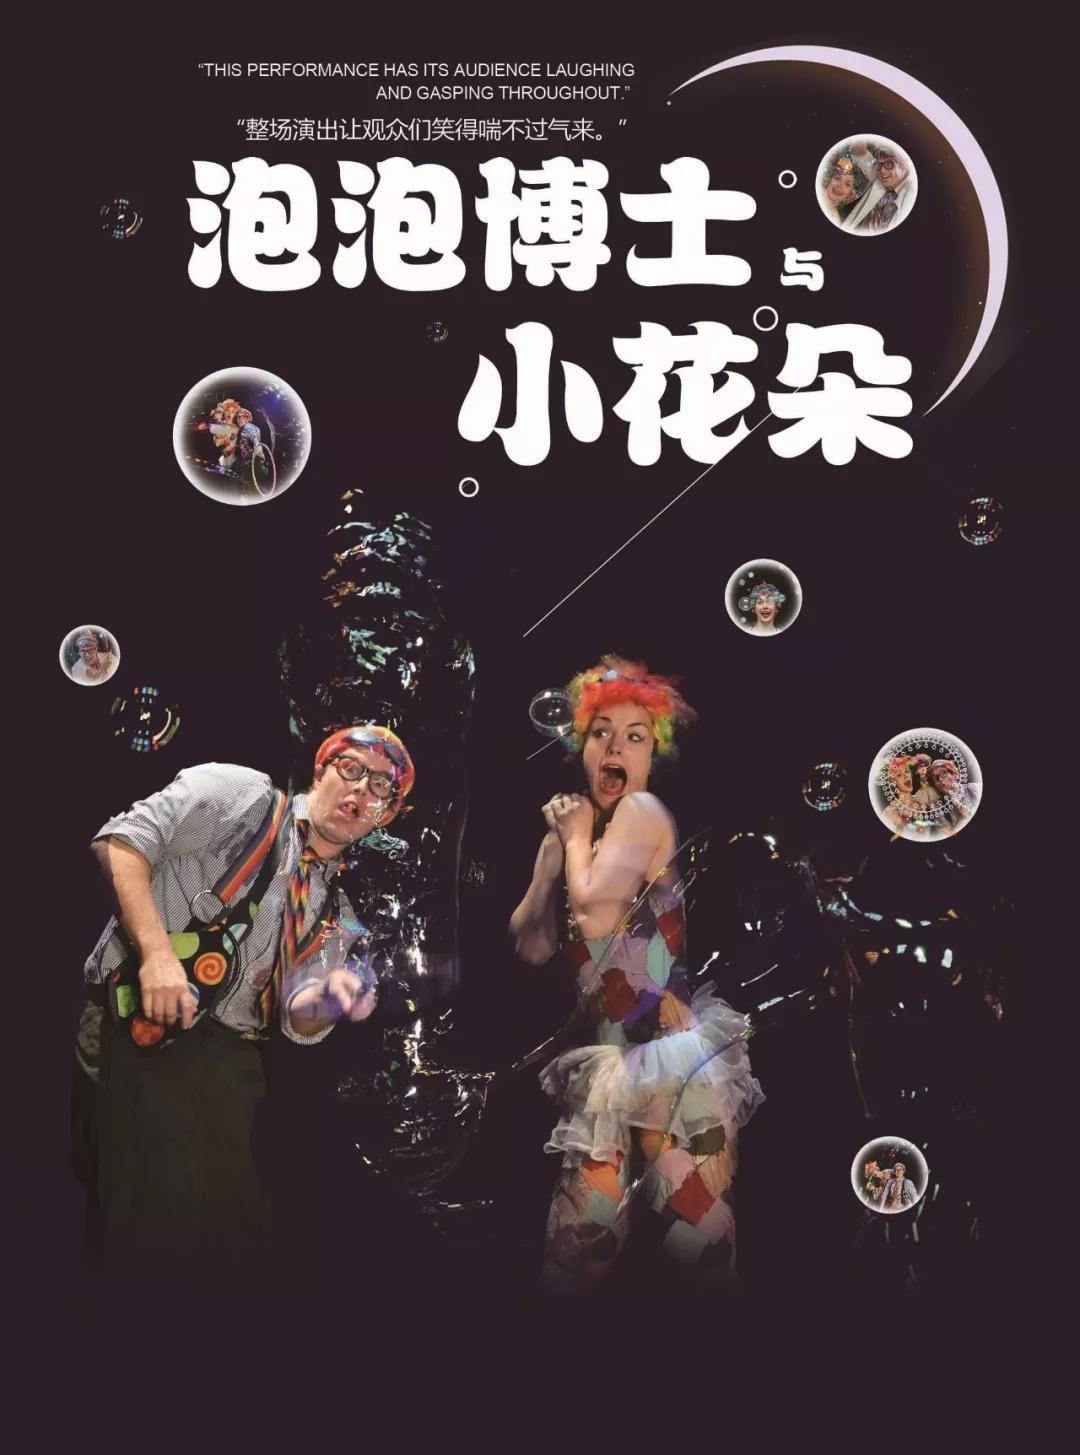 澳大利亚亲子剧《泡泡博士与小花朵》南通站